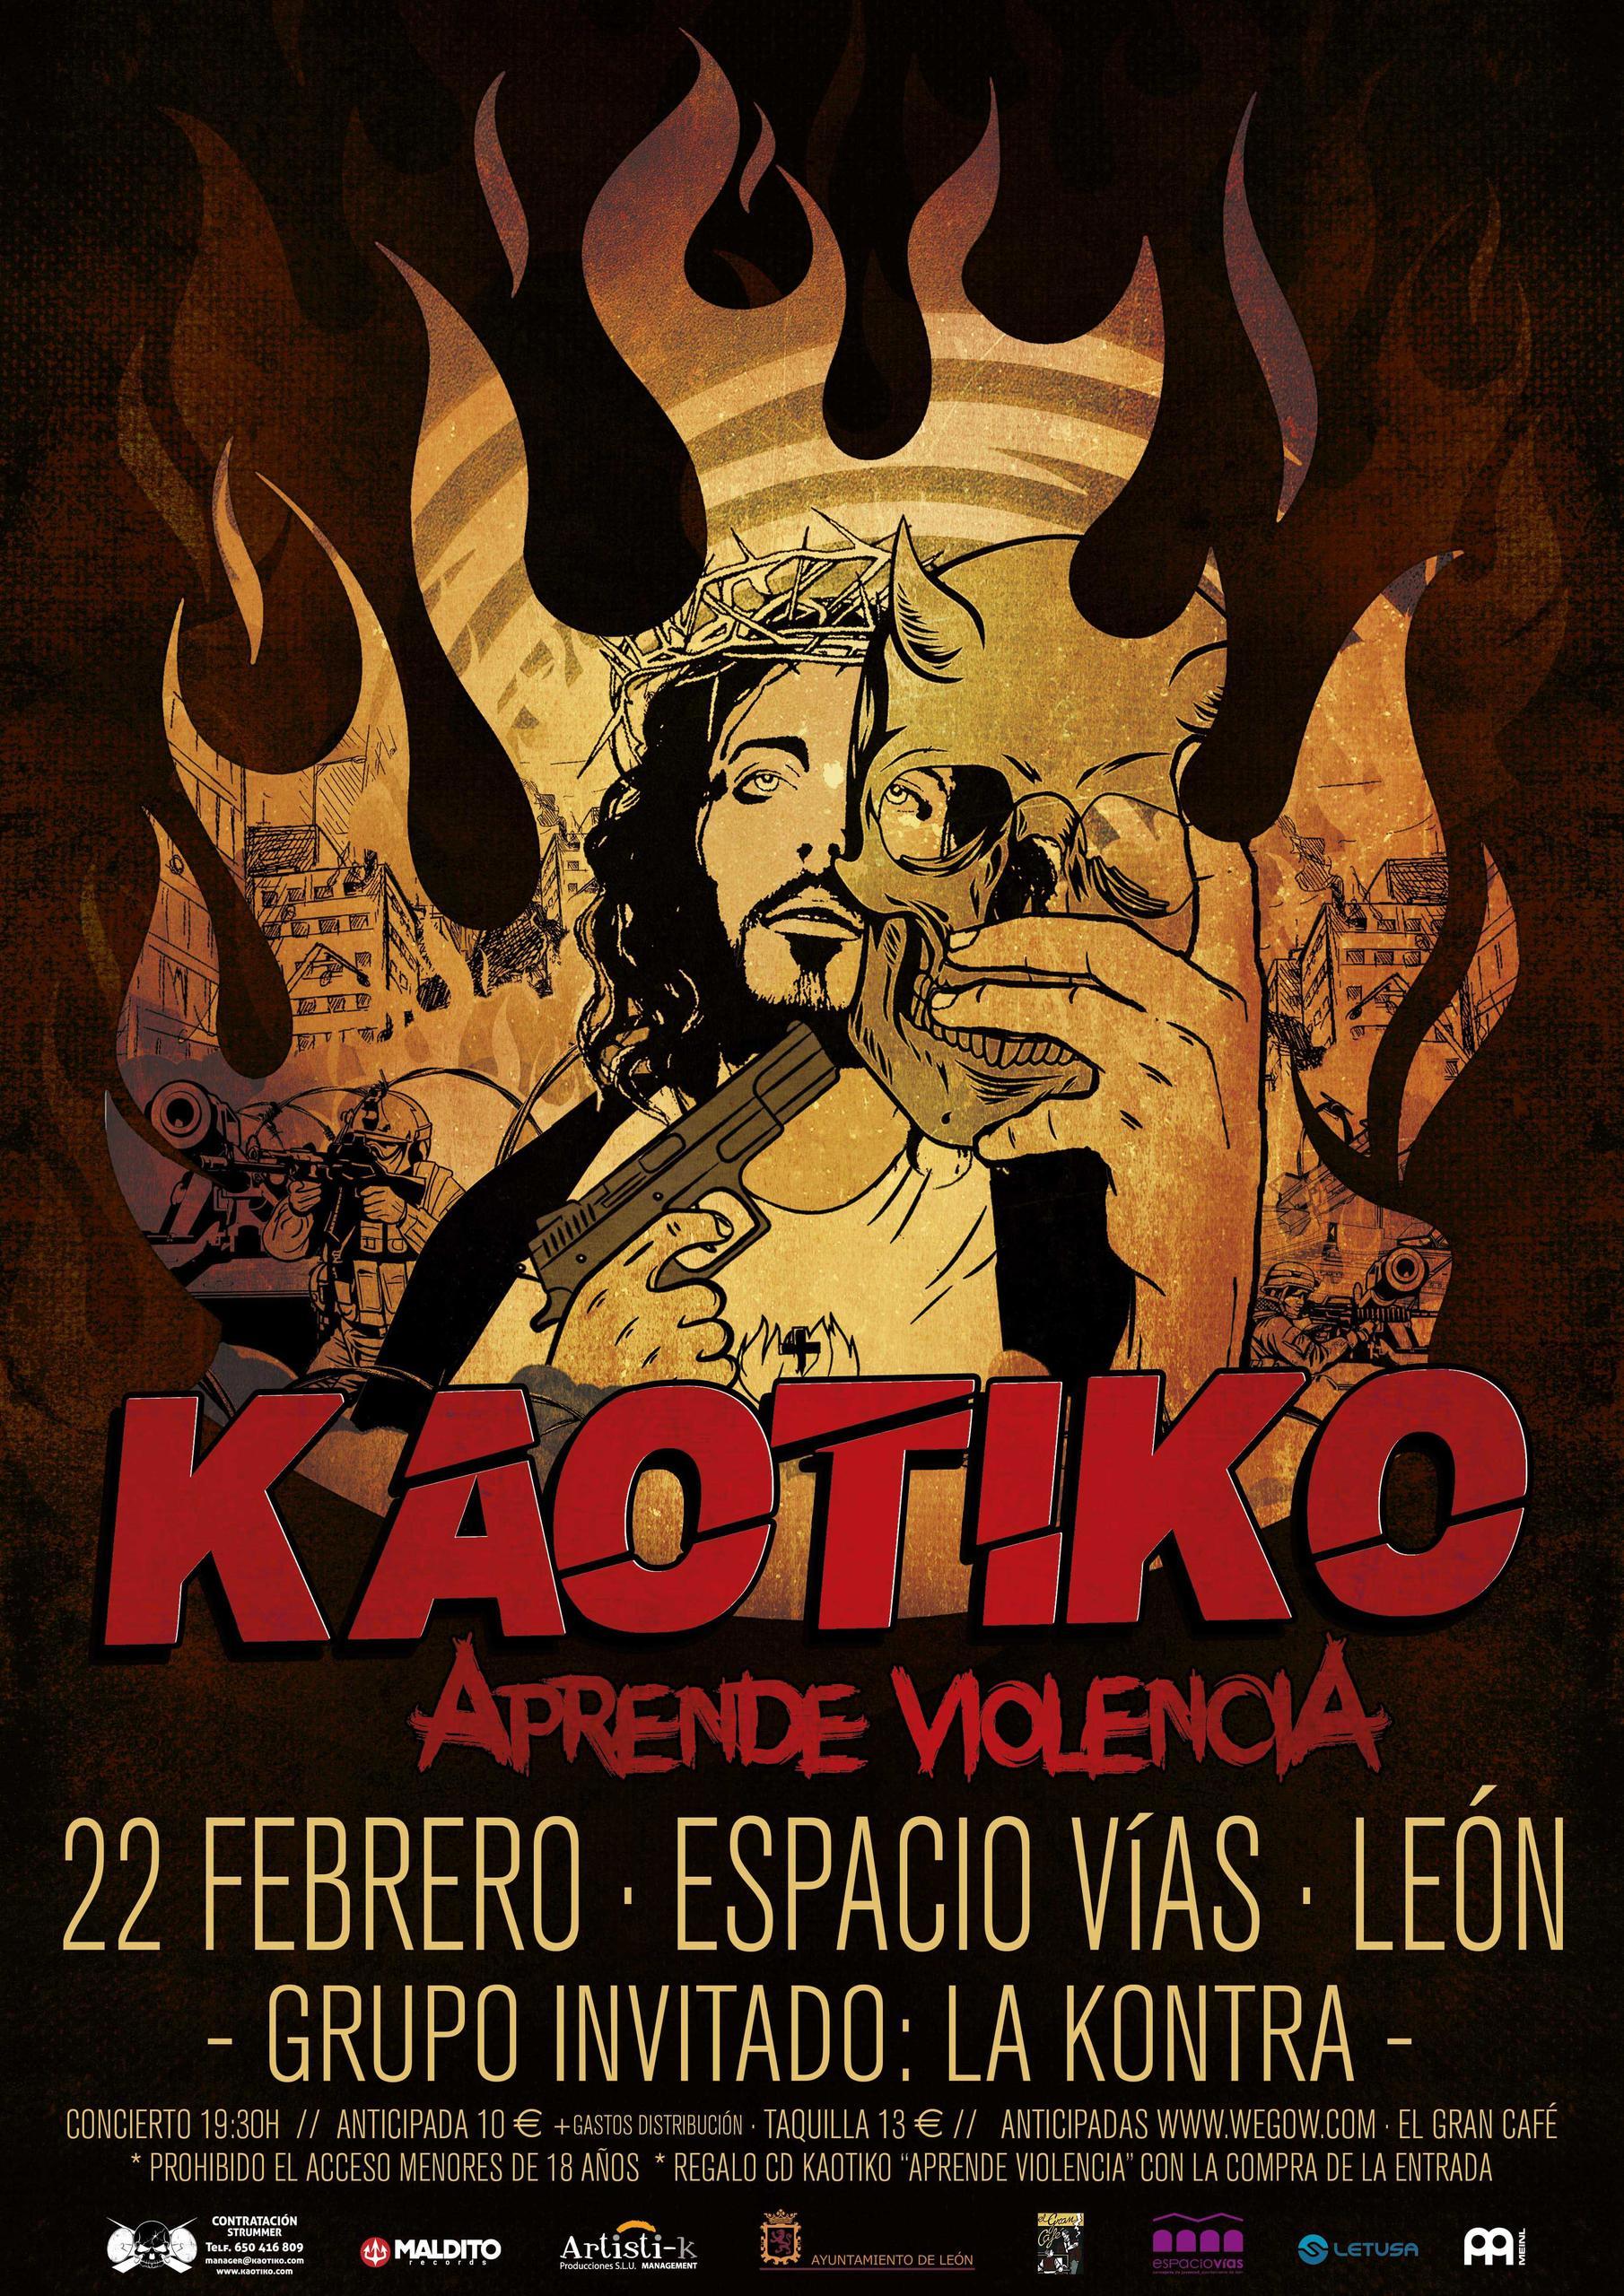 Cartel del concierto de KAOTIKO en LEON